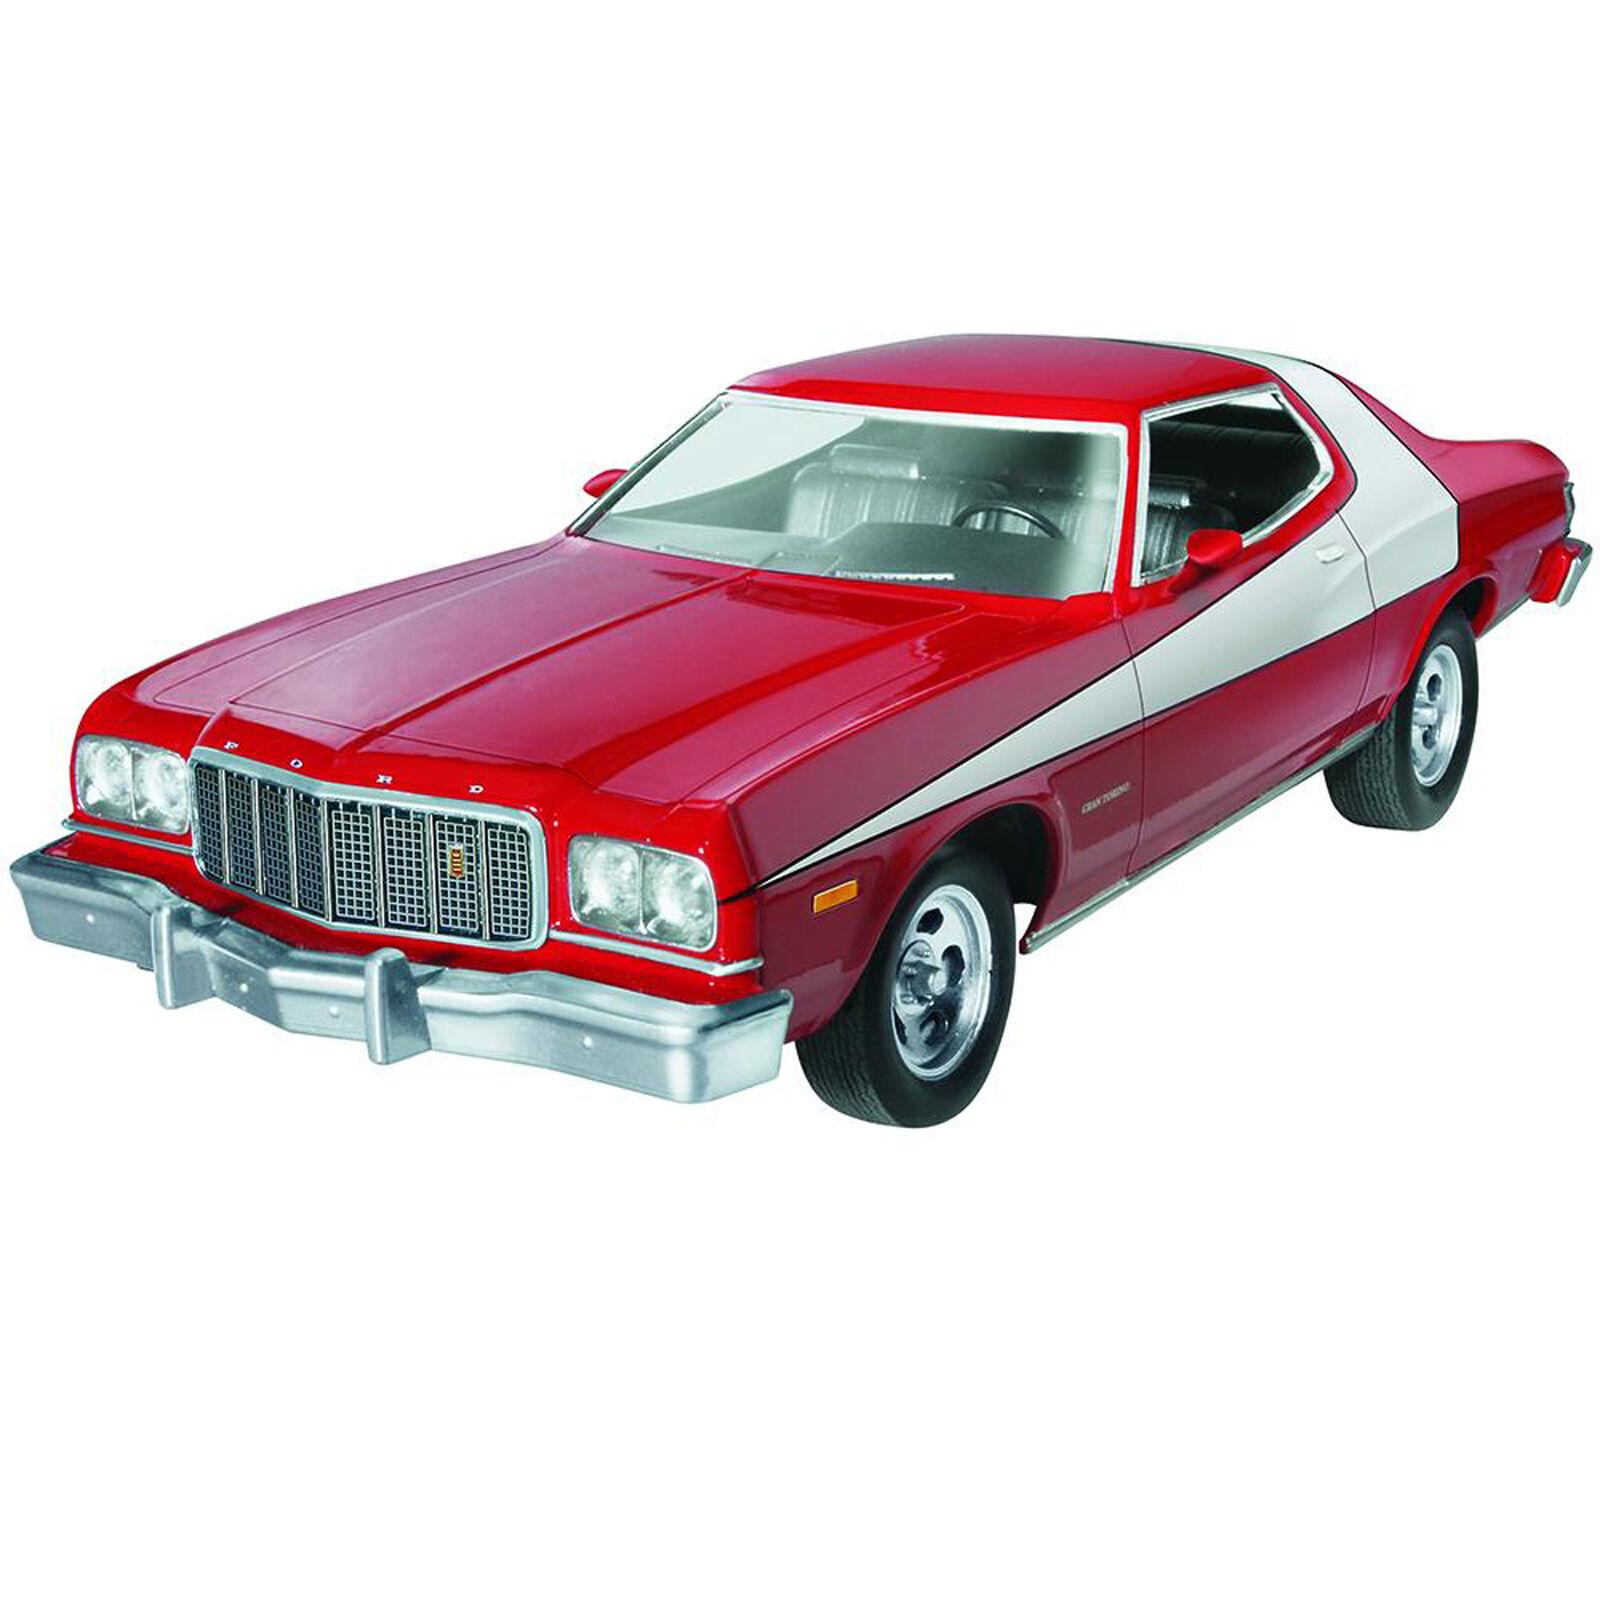 1 25 Starsky & Hutch Ford Torino